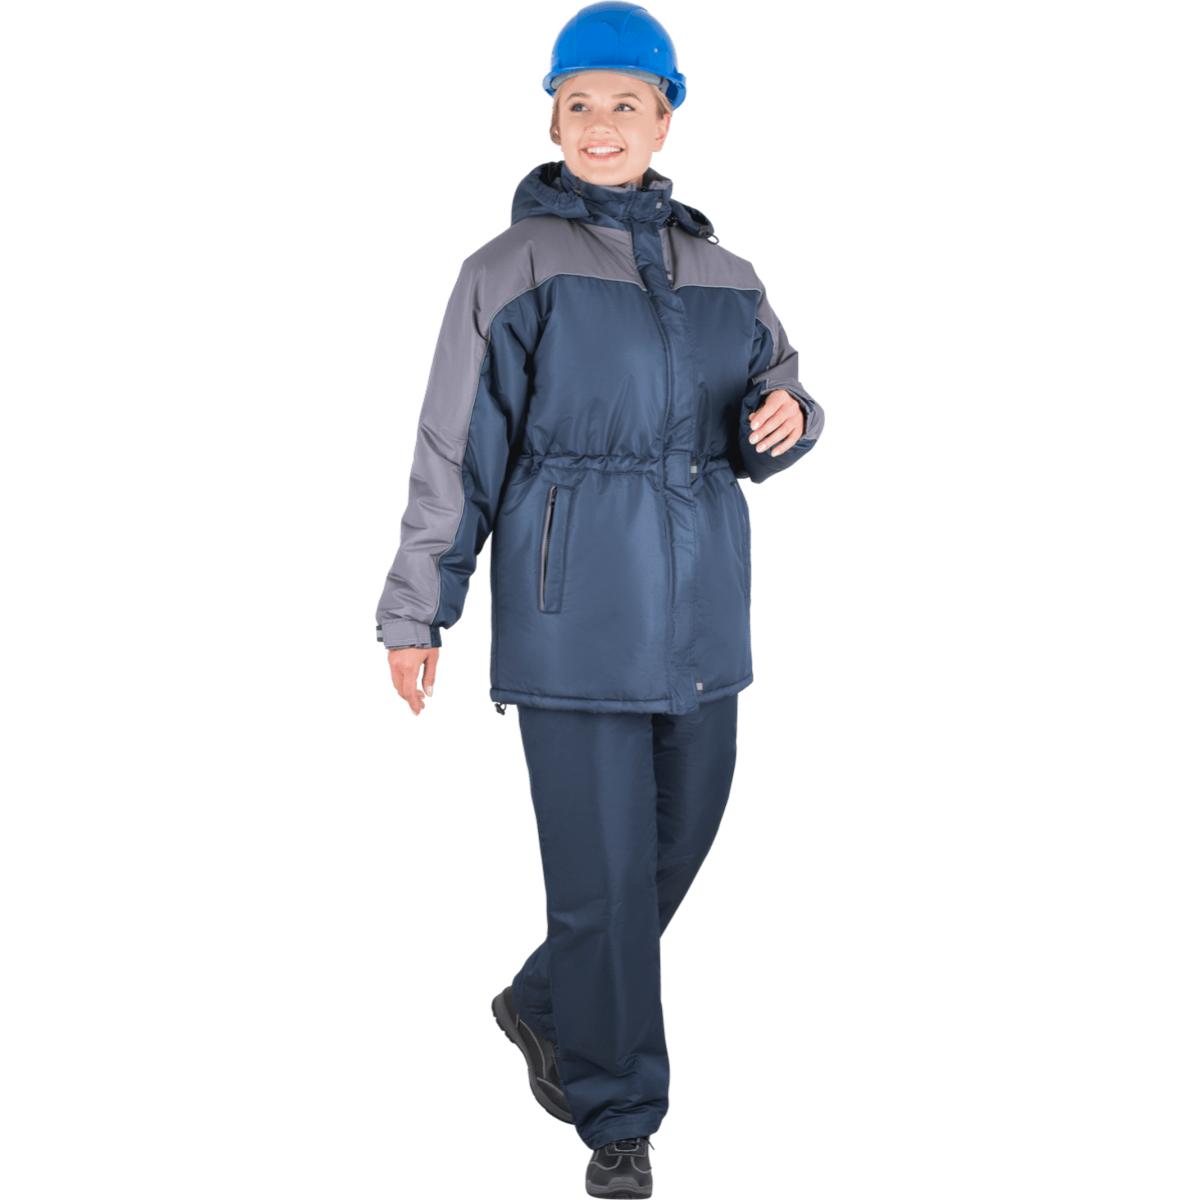 Костюм ВЕГА утеплённый т/синий-серый женский (разм. 112-116 рост 158-164)